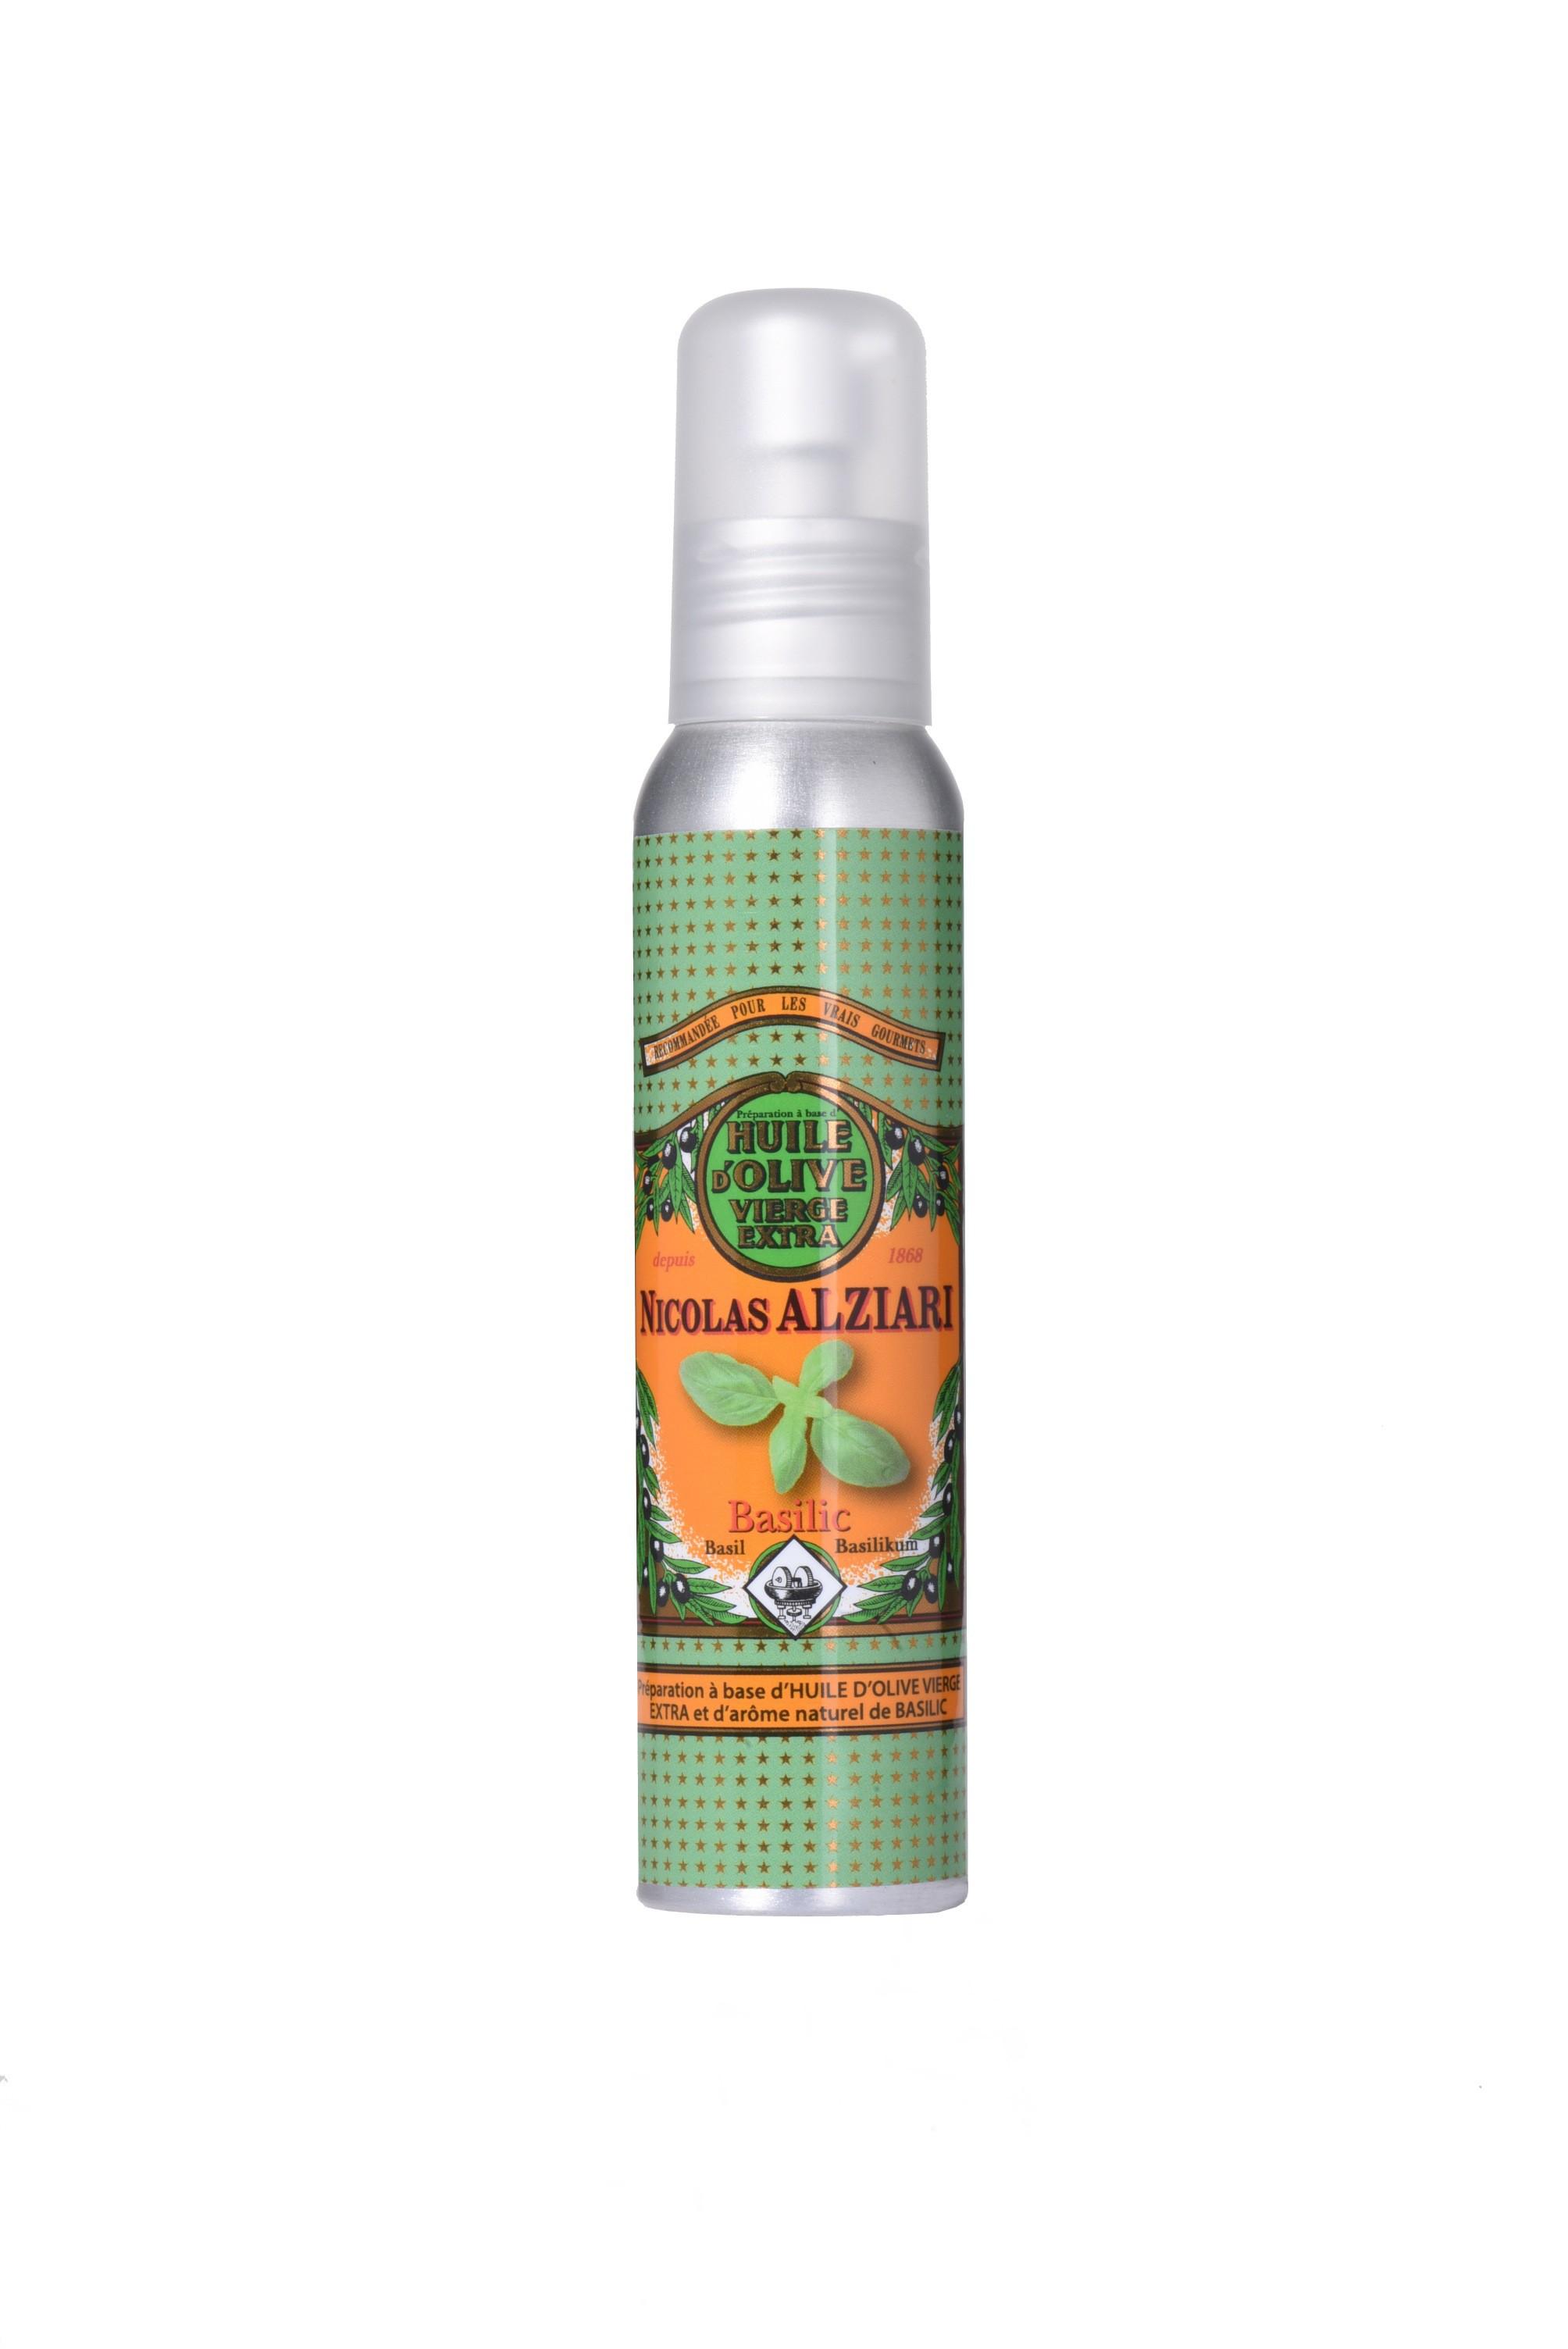 BASILIC - Préparation culinaire à base d'huile d'olive et d'arôme naturel BASILIC 100 ml (flacon pompe)